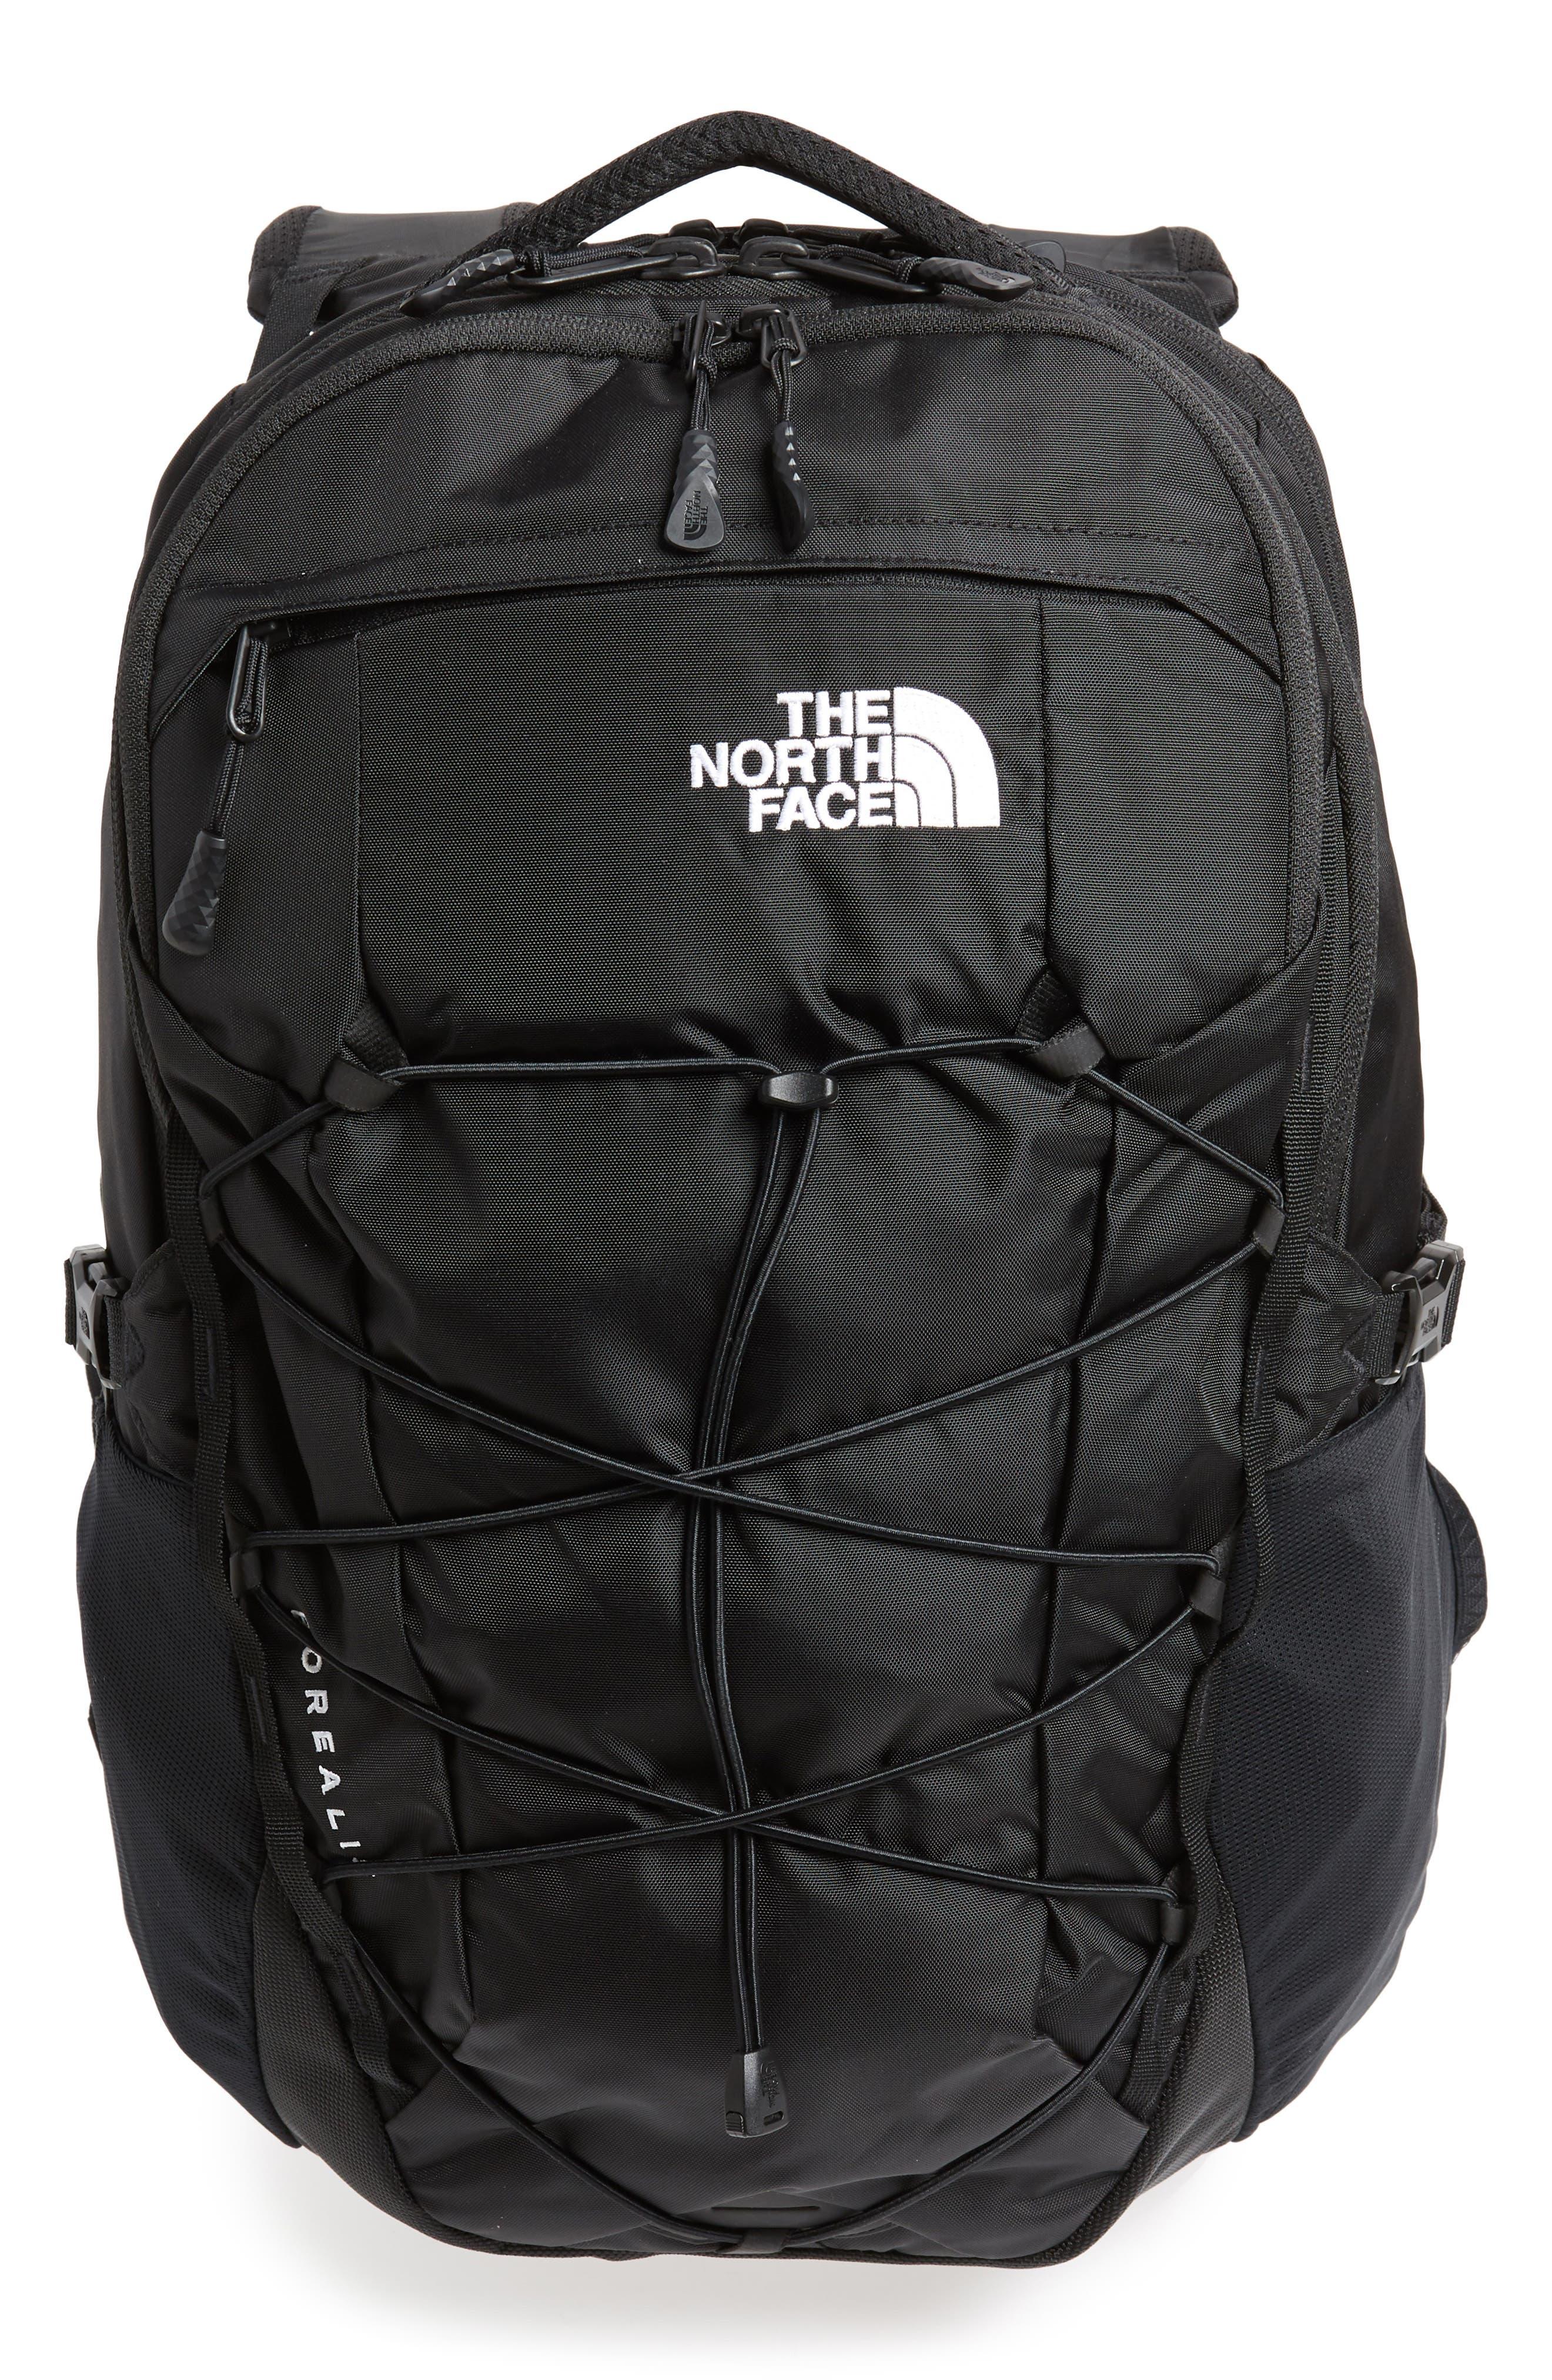 THE NORTH FACE,                             Borealis Backpack,                             Main thumbnail 1, color,                             001